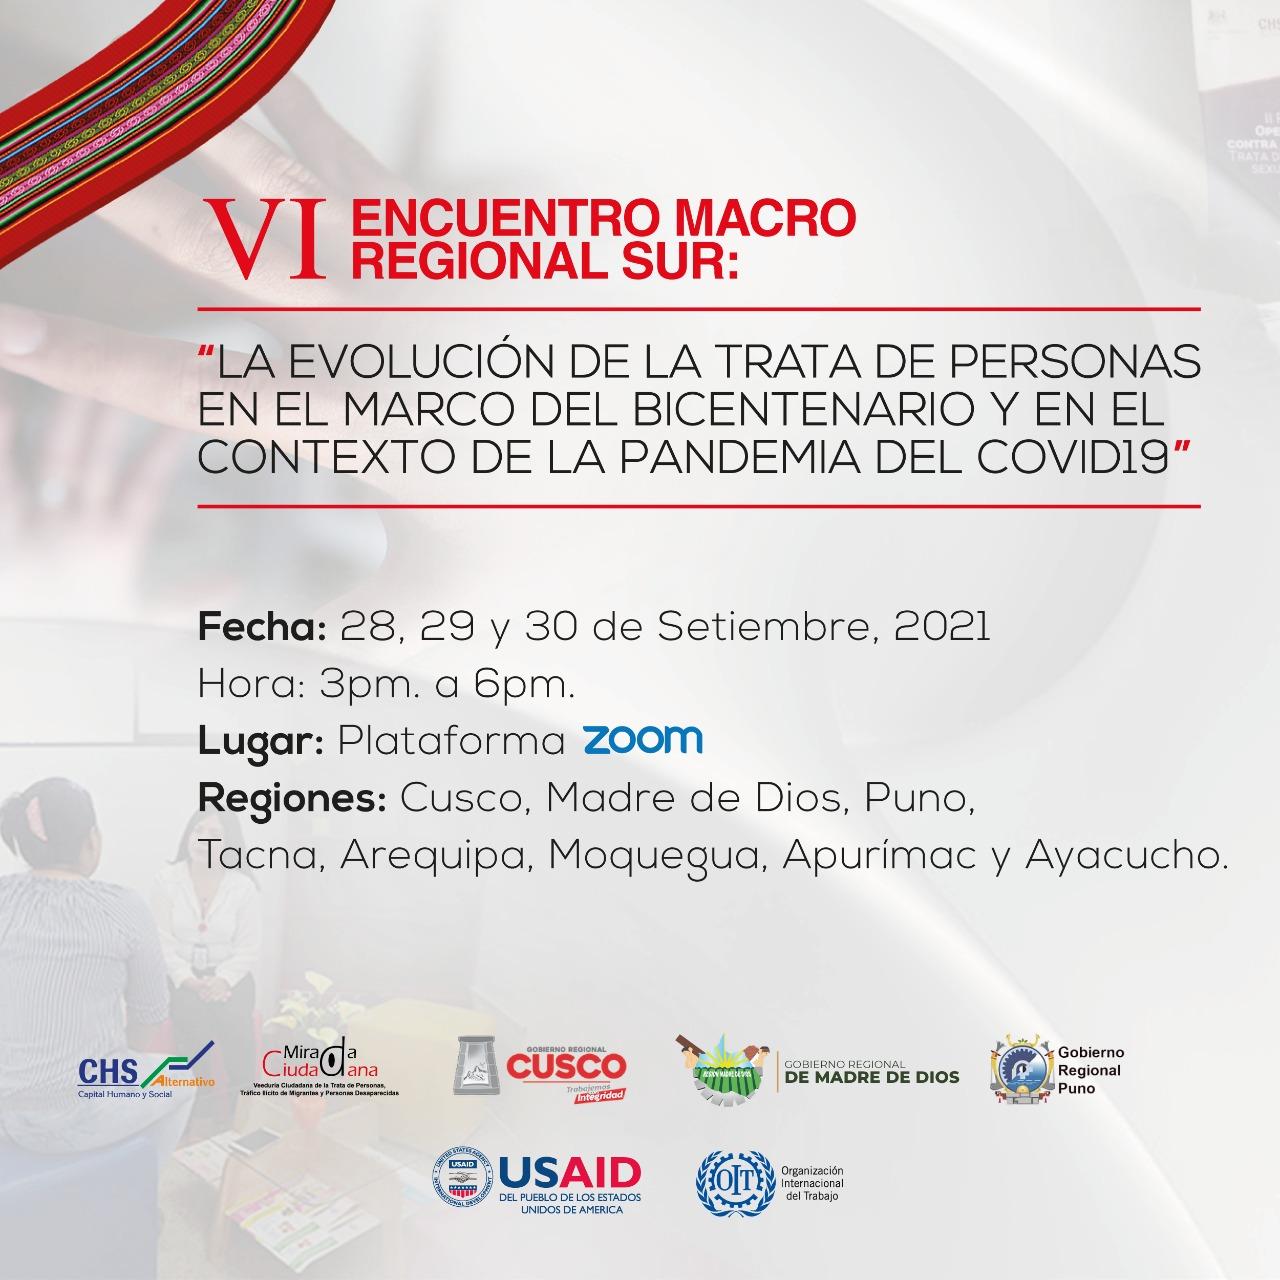 CHS Alternativo realizará VI Encuentro Macrorregional Sur sobre la trata de personas